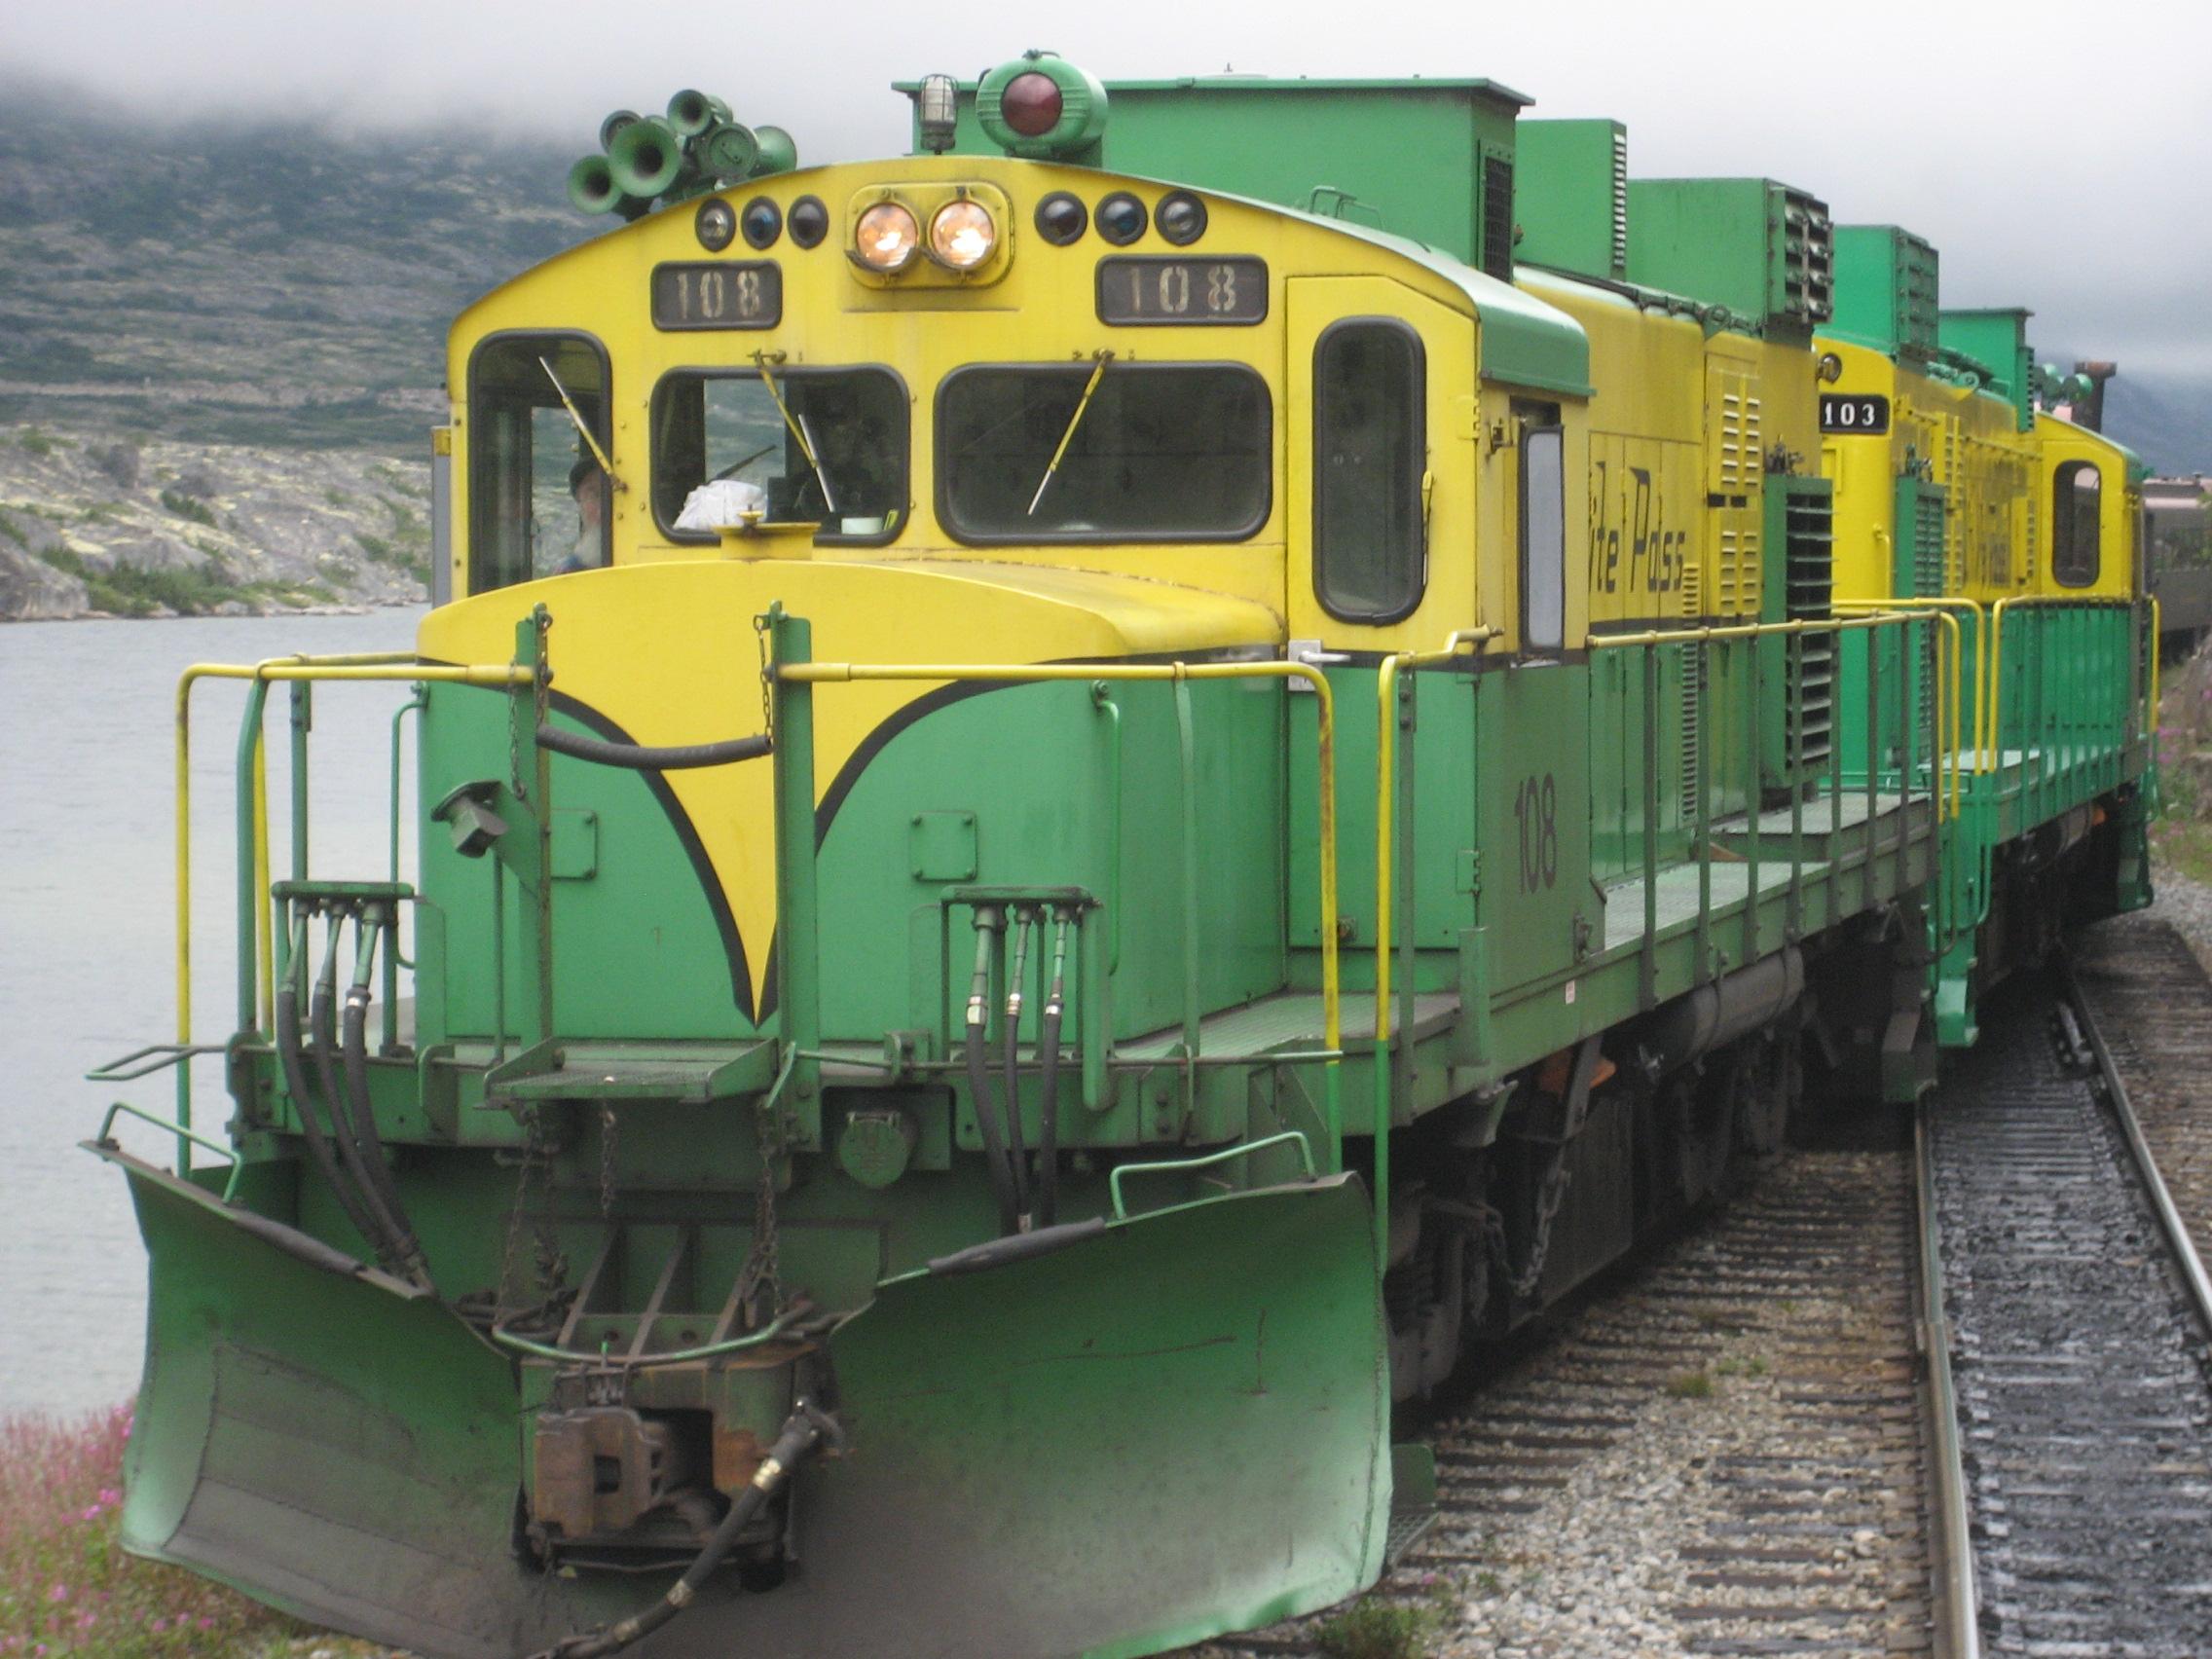 restored White Pass train